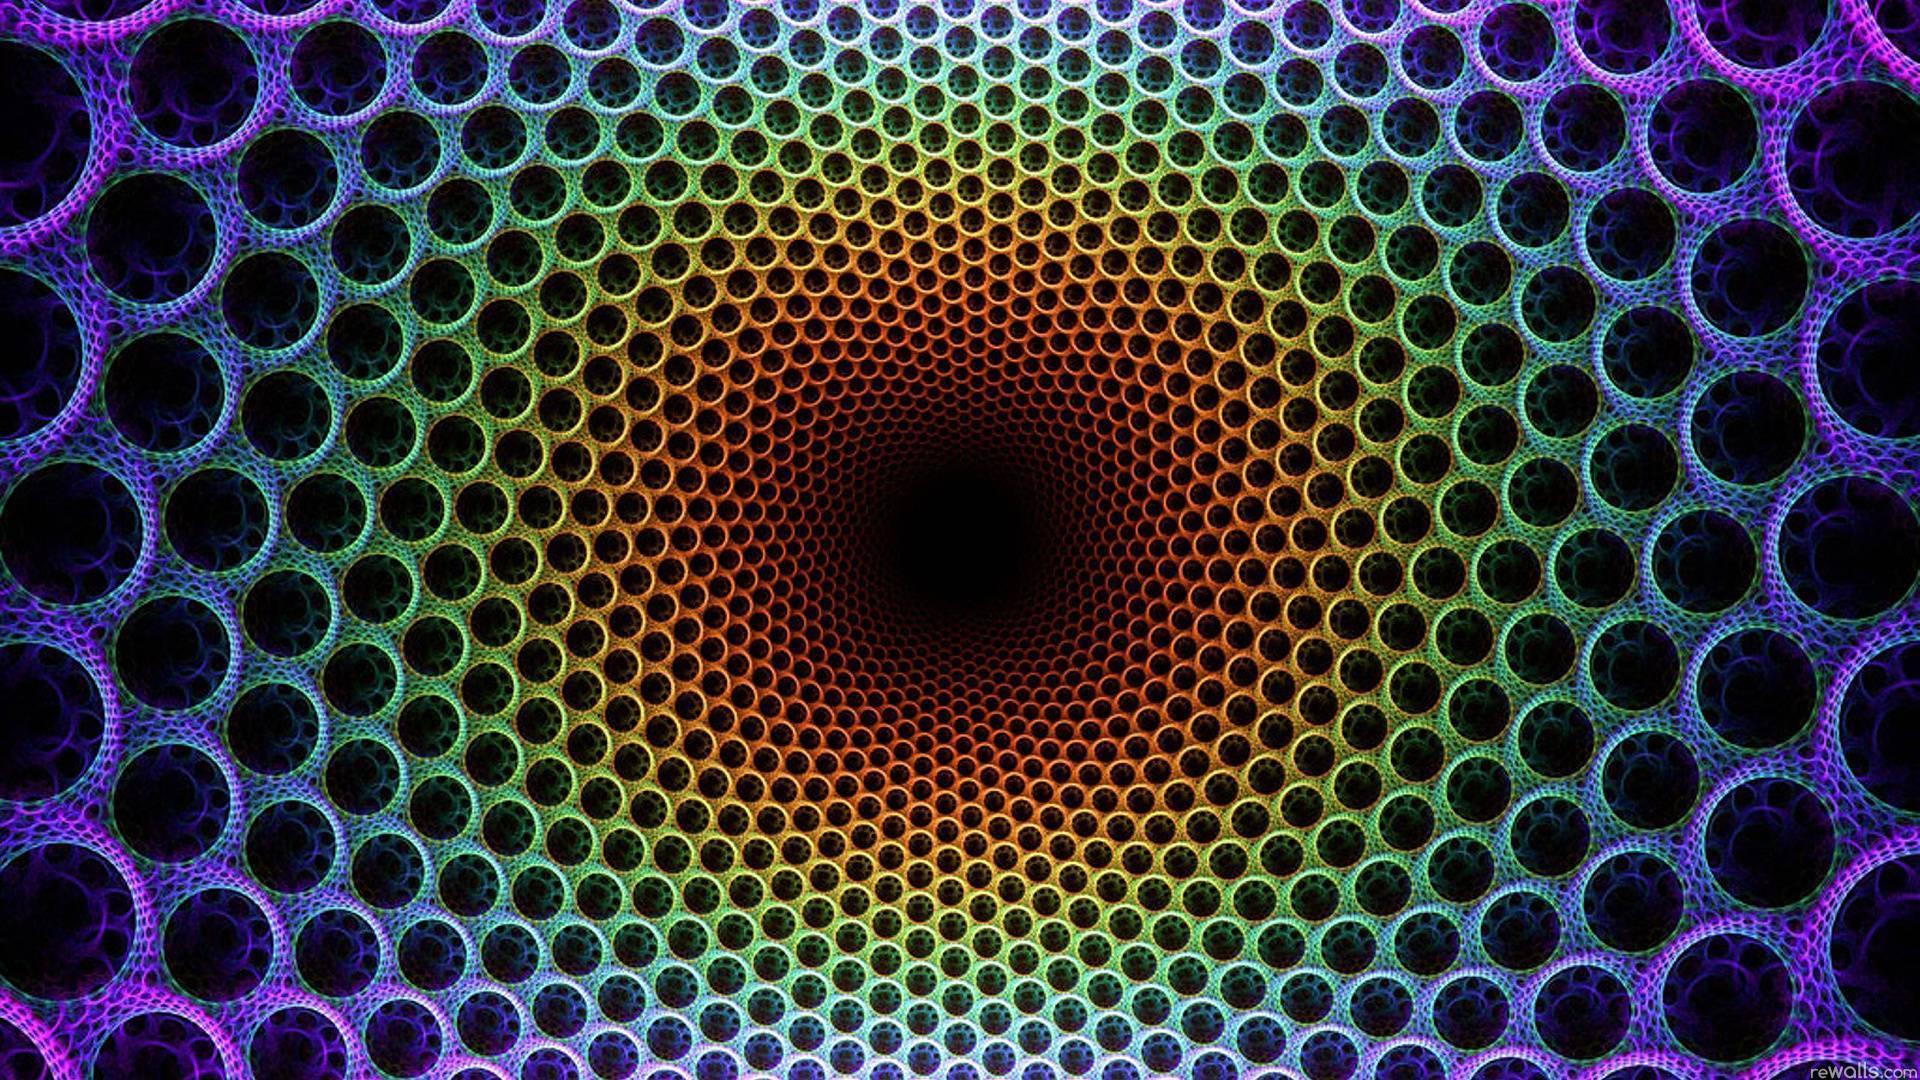 истинные зрительные галлюцинации характерны для